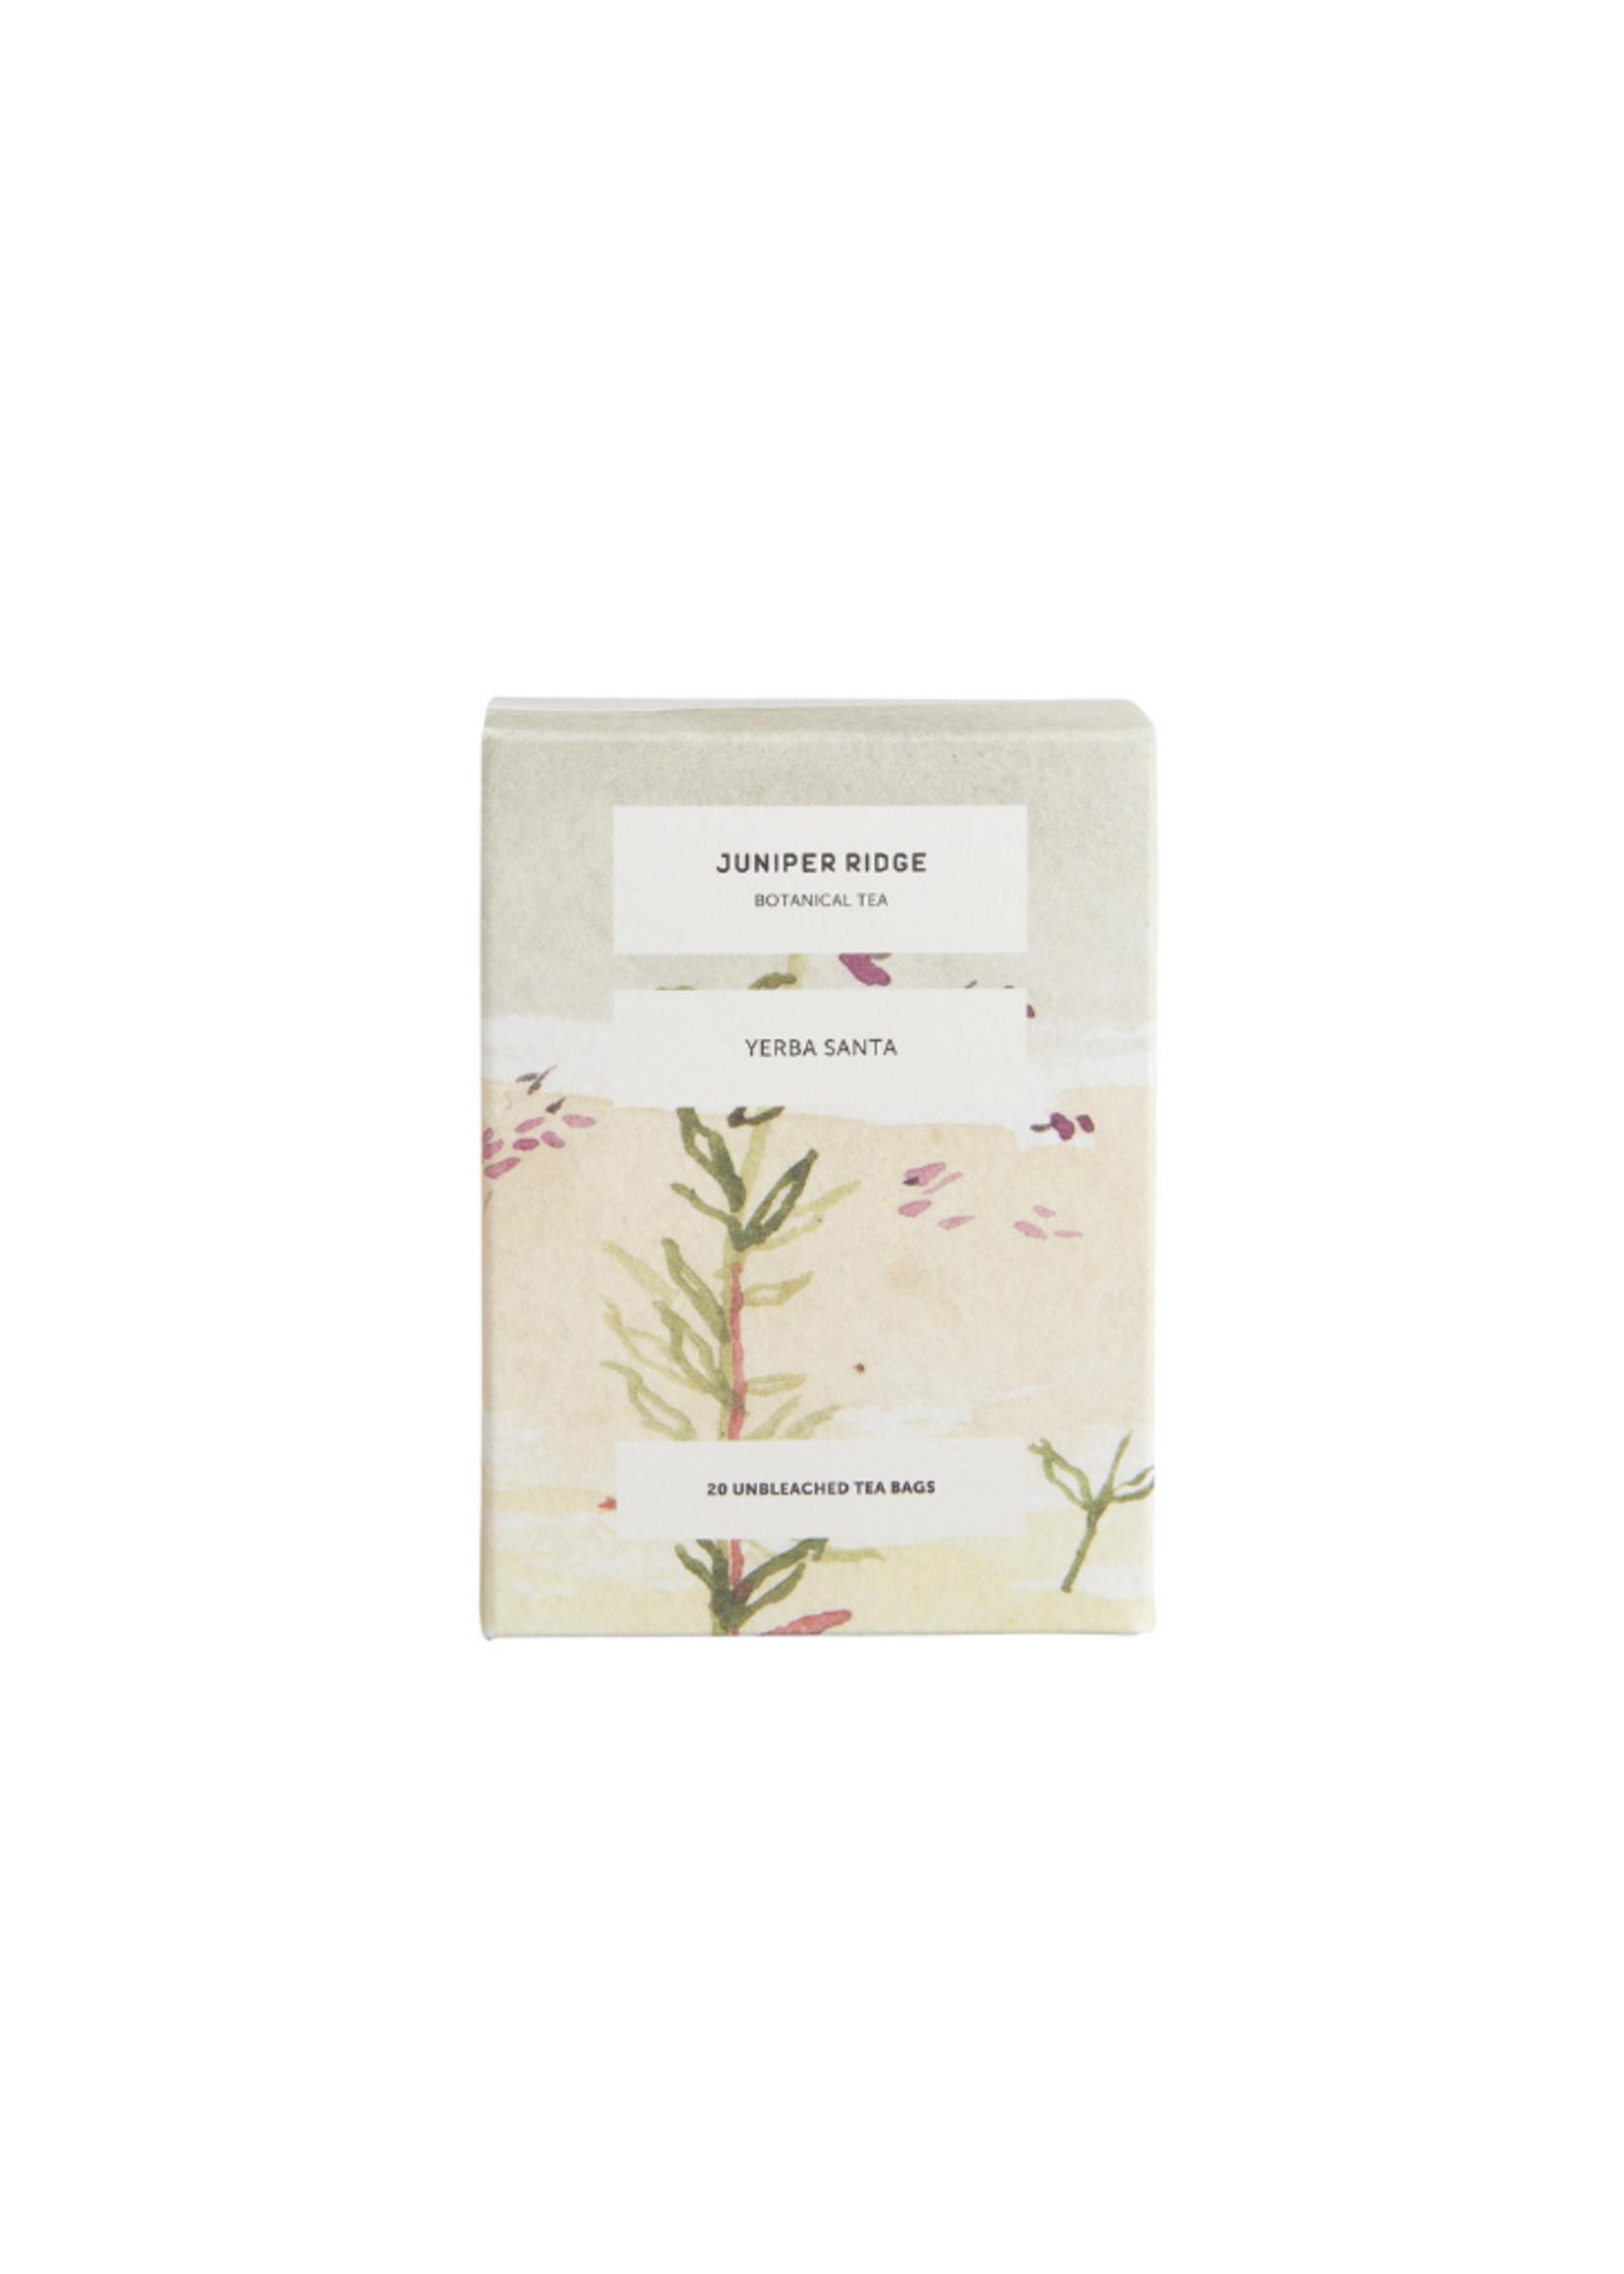 Juniper Ridge Yerba Santa Botanical Tea